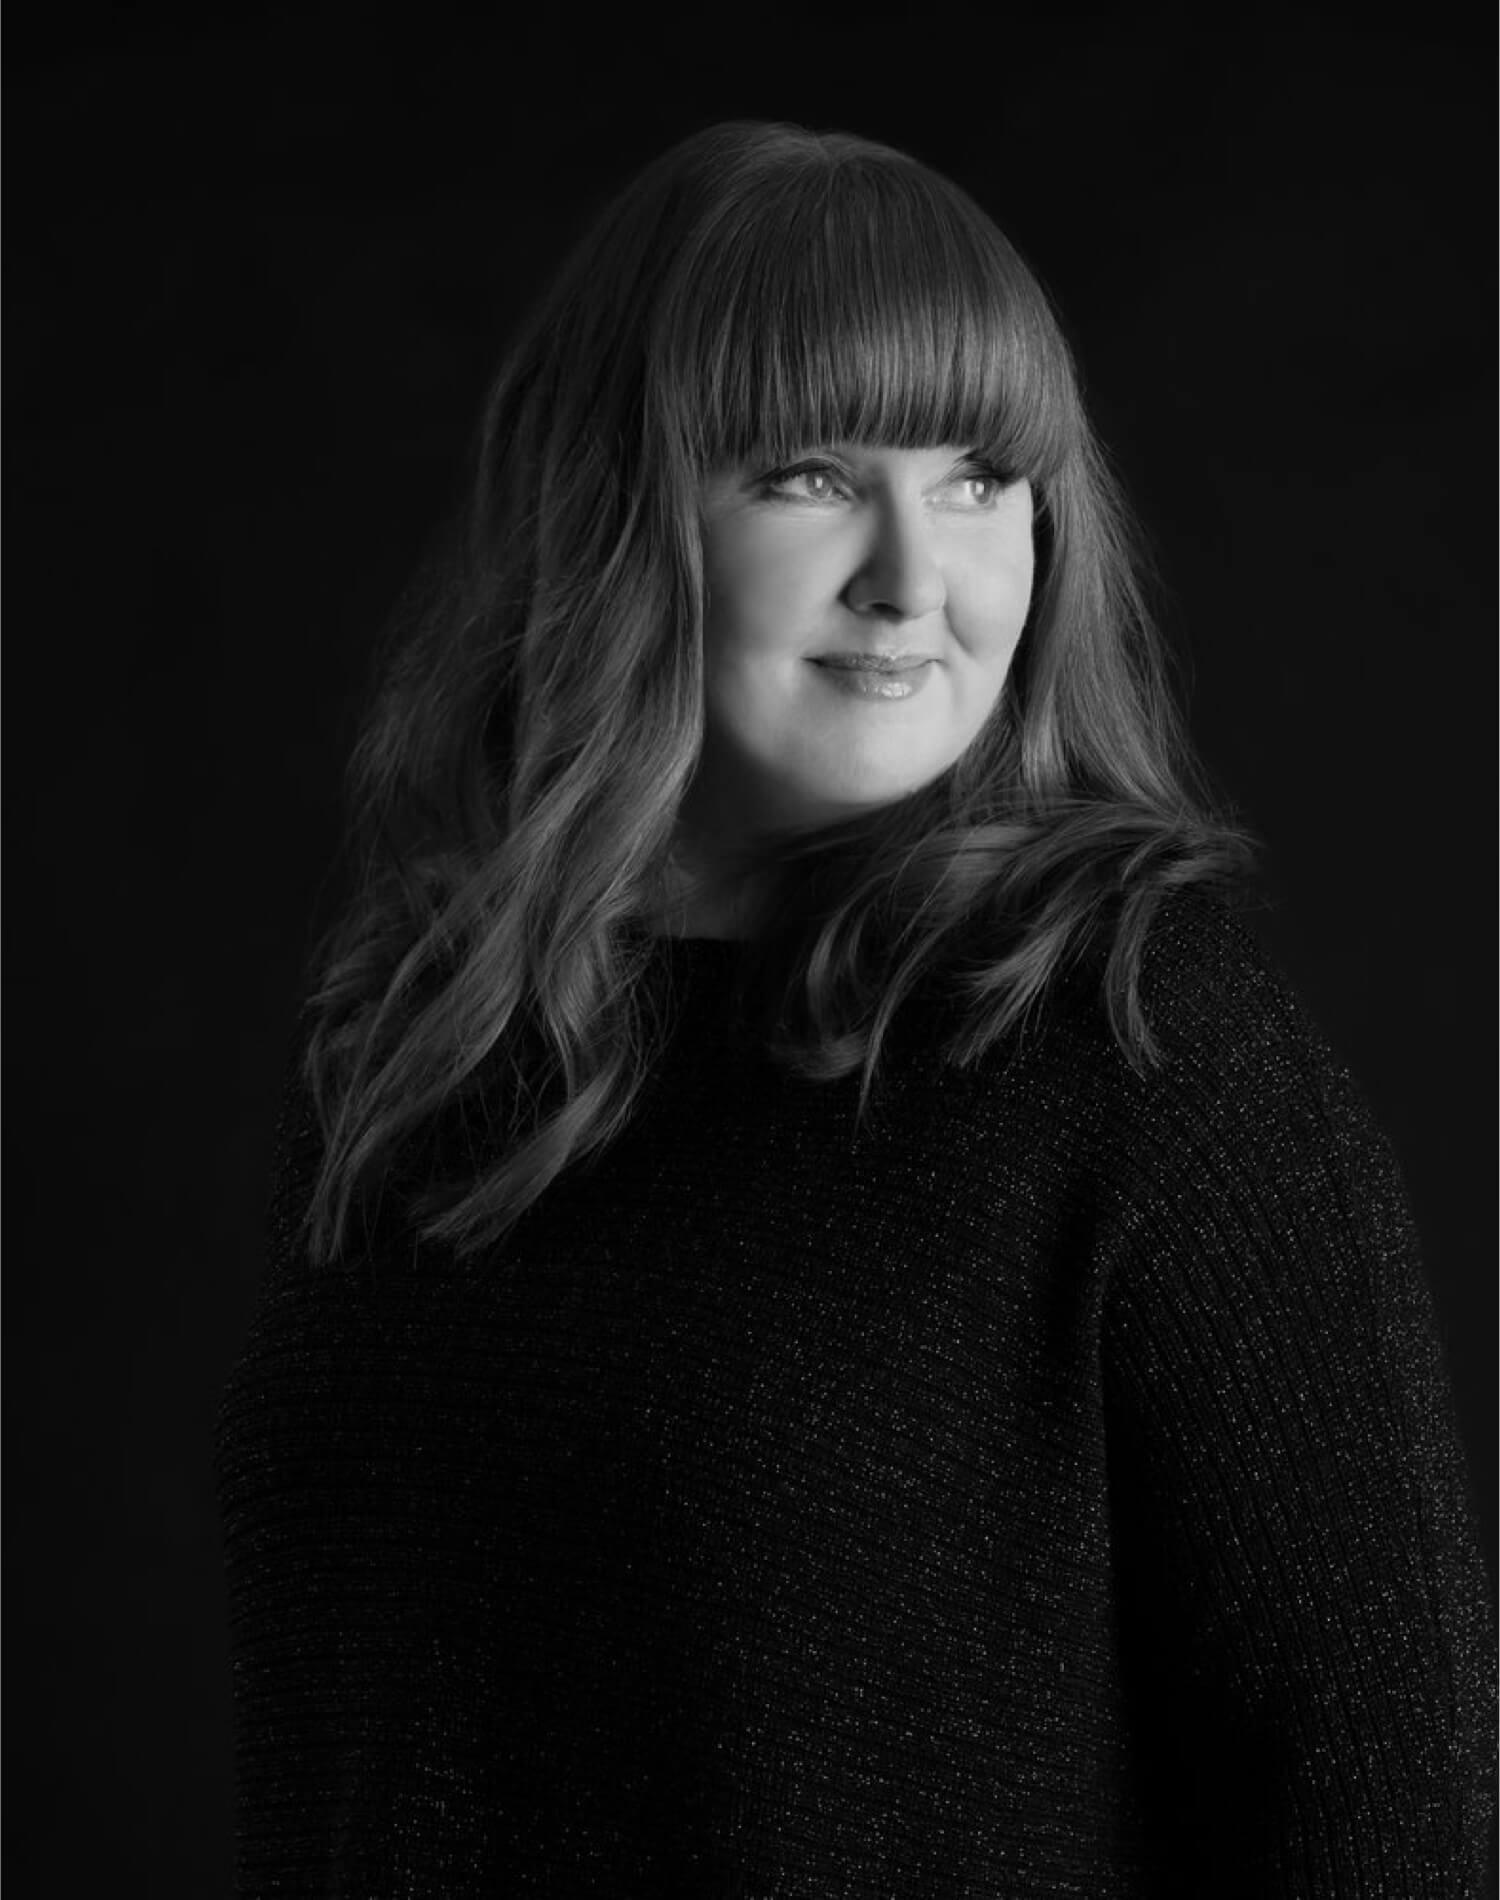 MeganDallaCamina-About-Profile.jpg